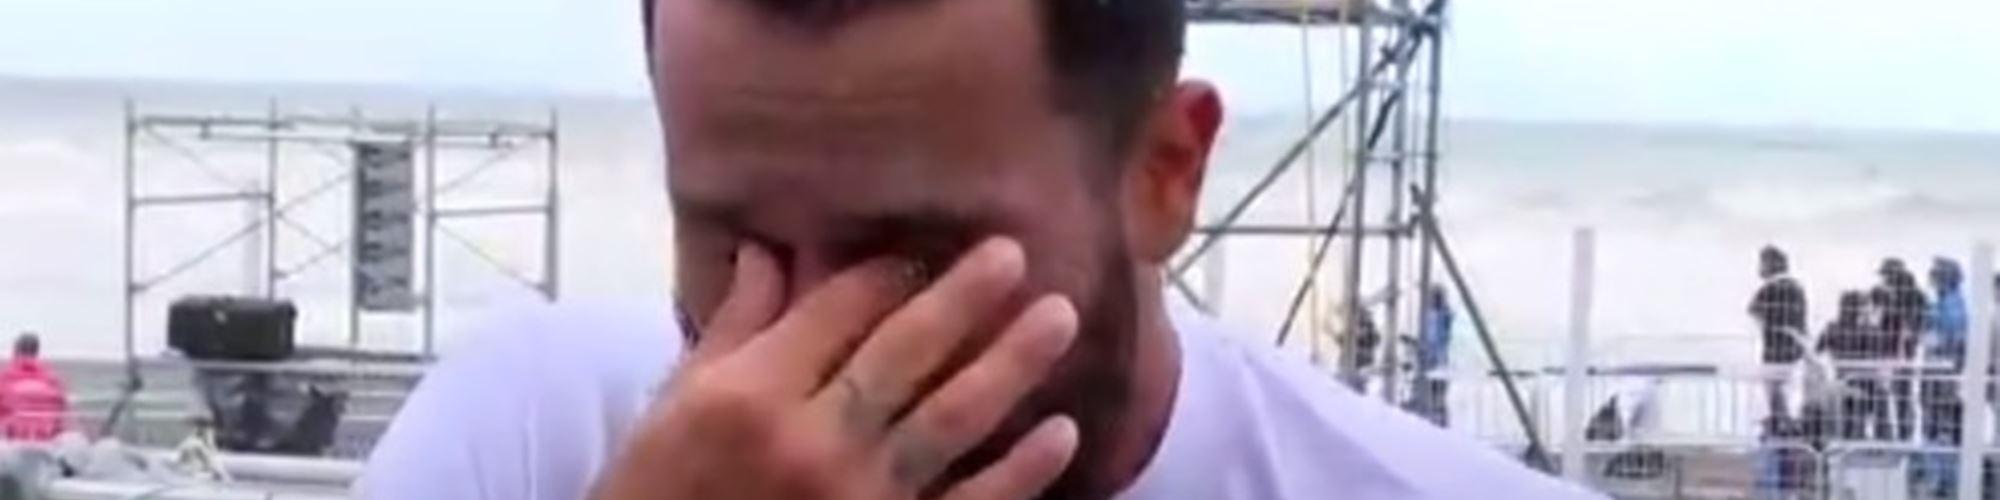 Ítalo Ferreira é o primeiro campeão olímpico de surf e a sua reação deixa qualquer um emocionado